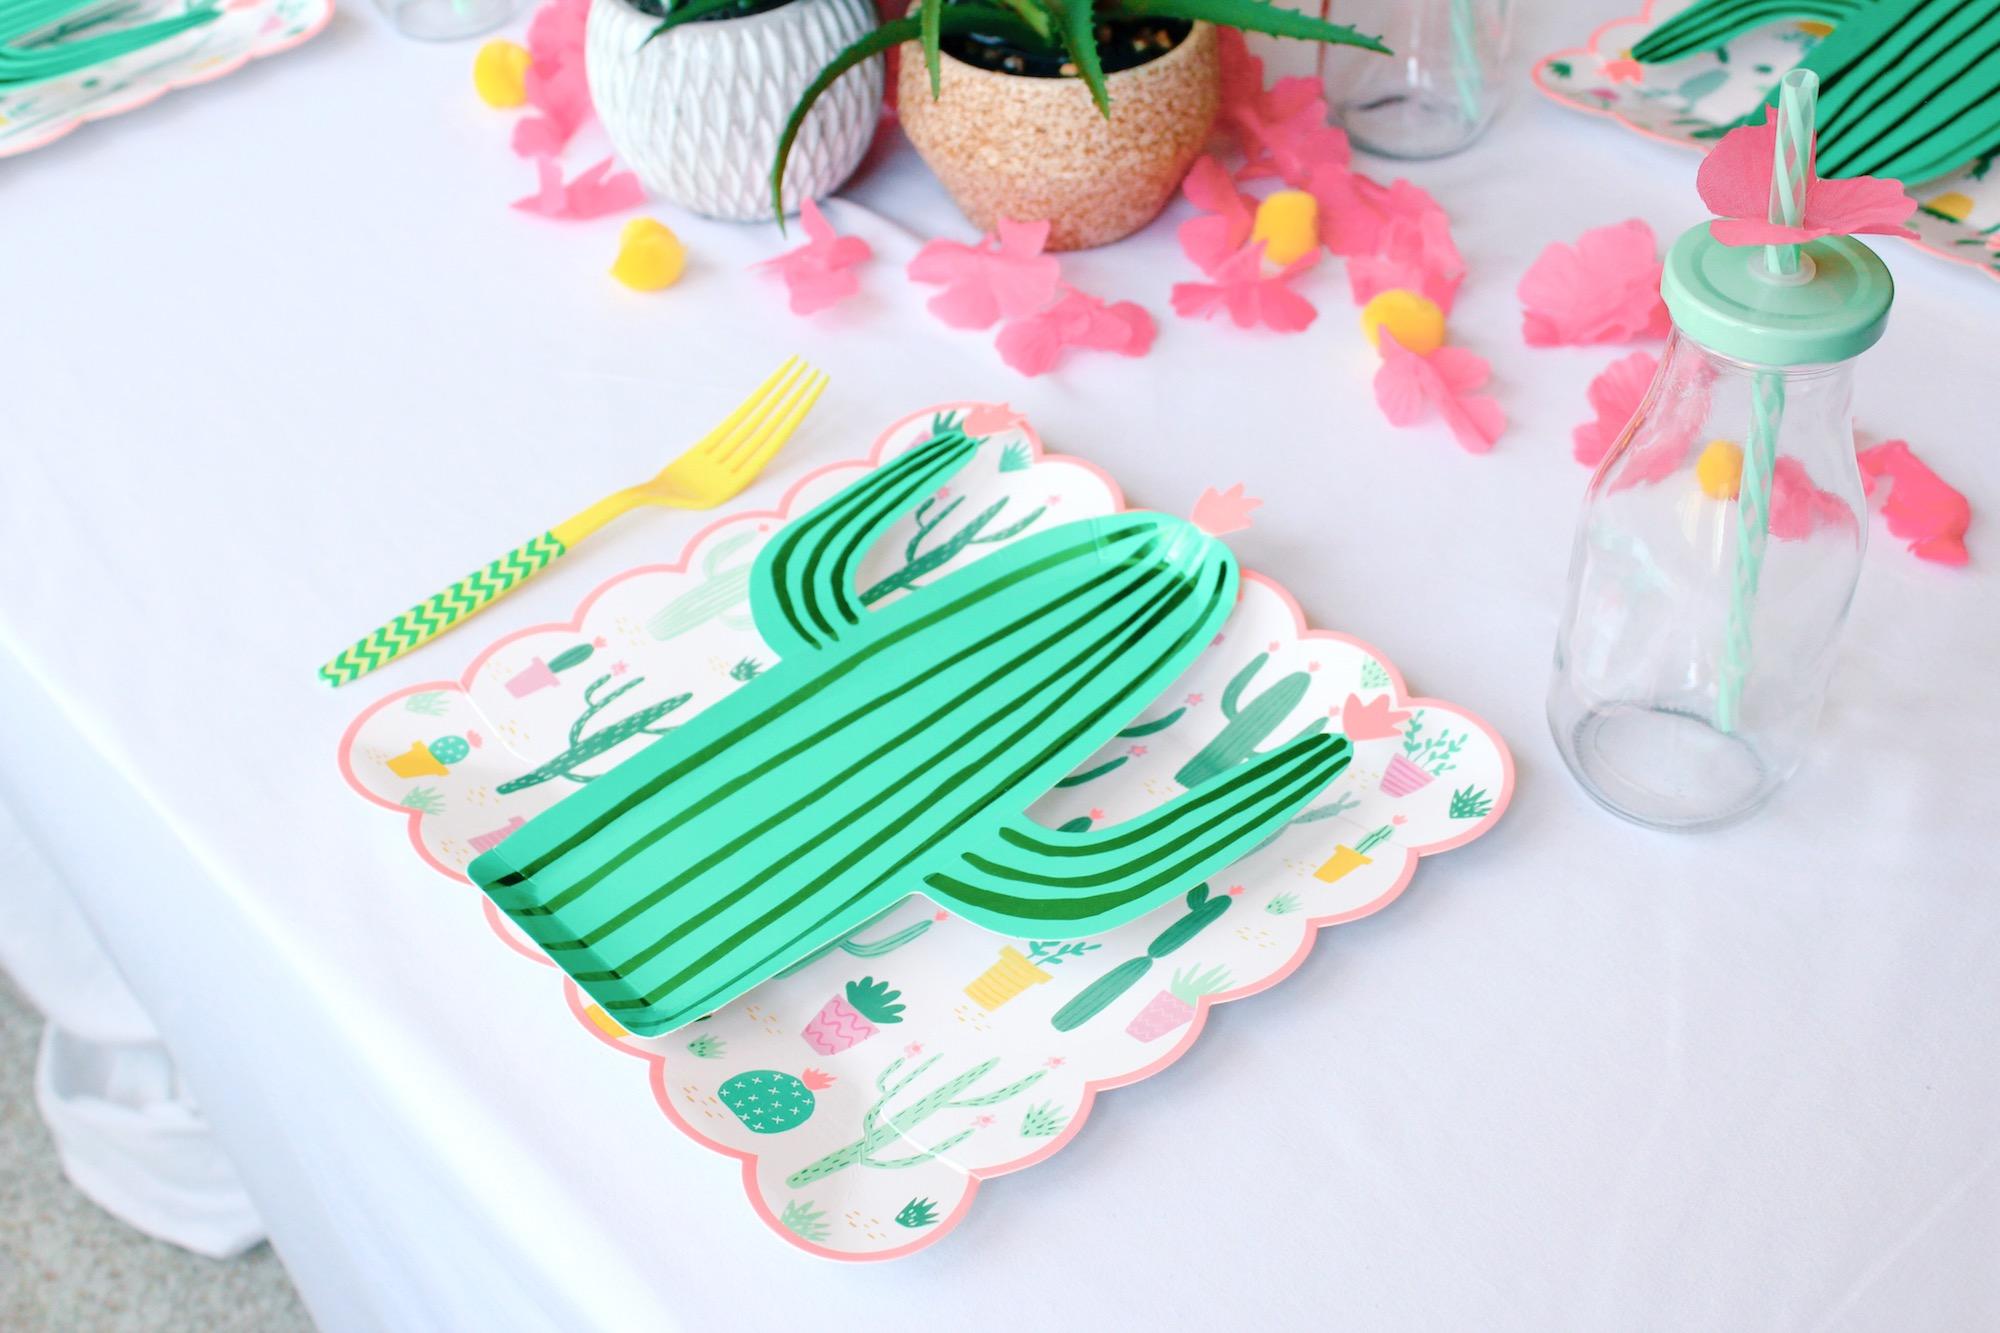 Cactus Paper Plates_Meri Meri_Design Organize Party.JPG